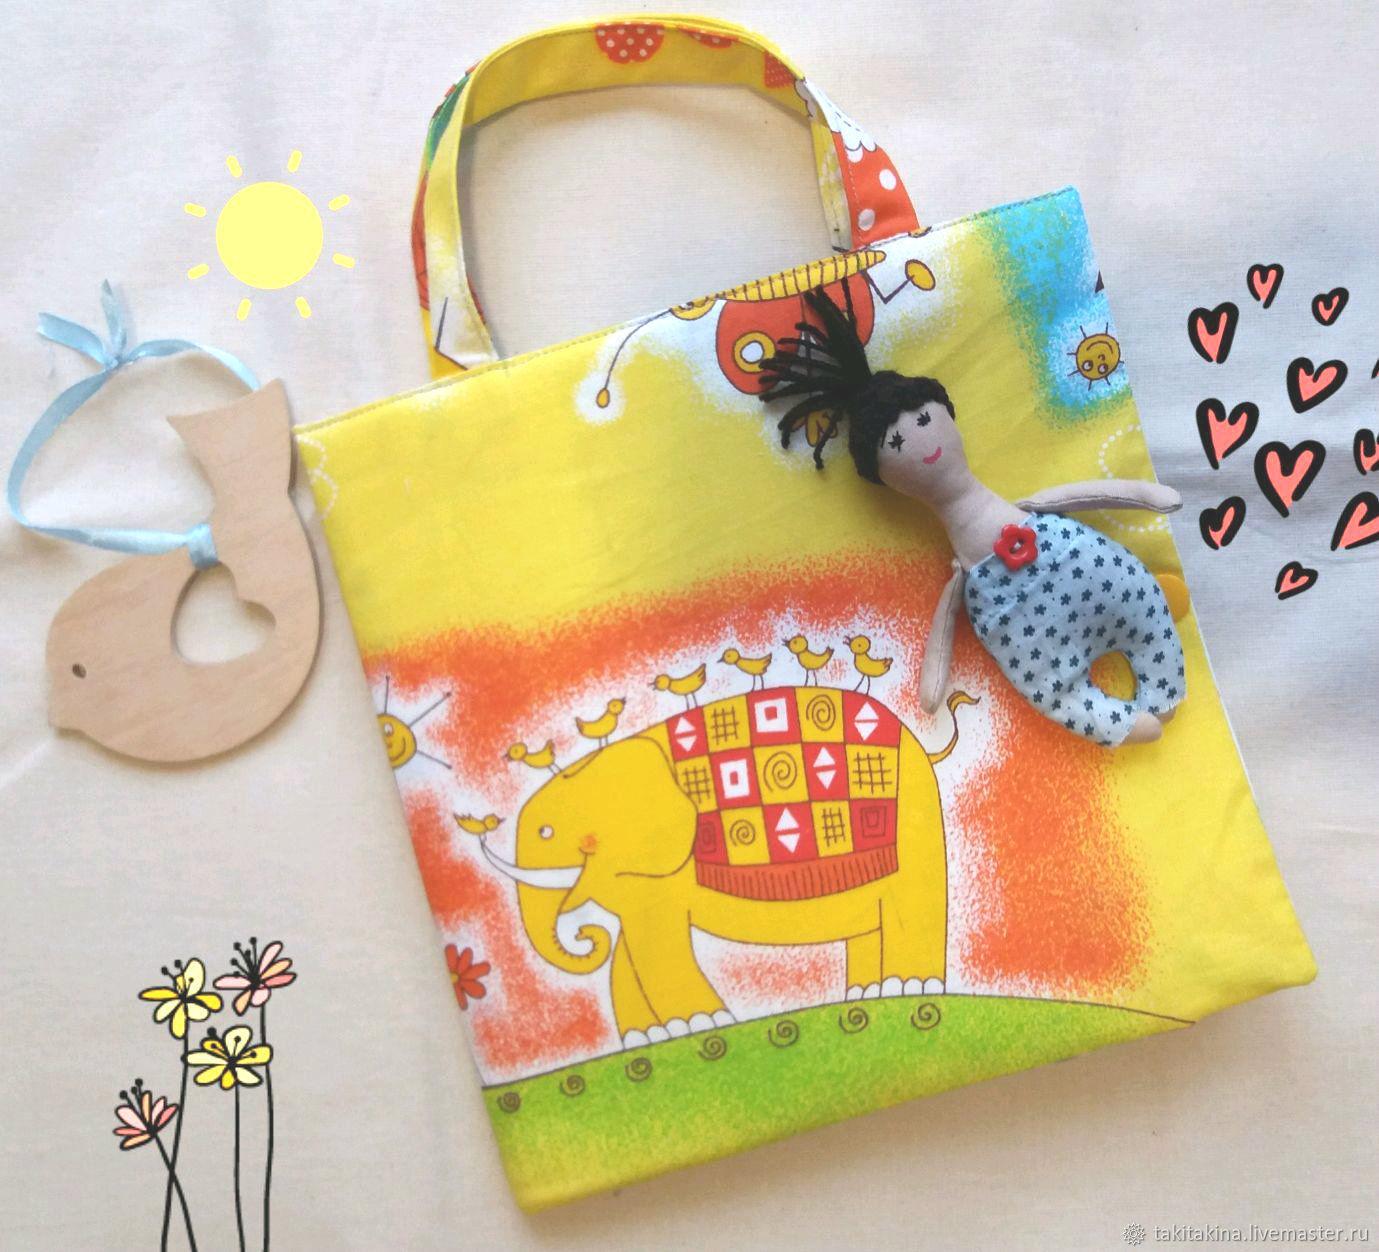 миниатюрный сумочка для куклы картинки контур очертания силуэт